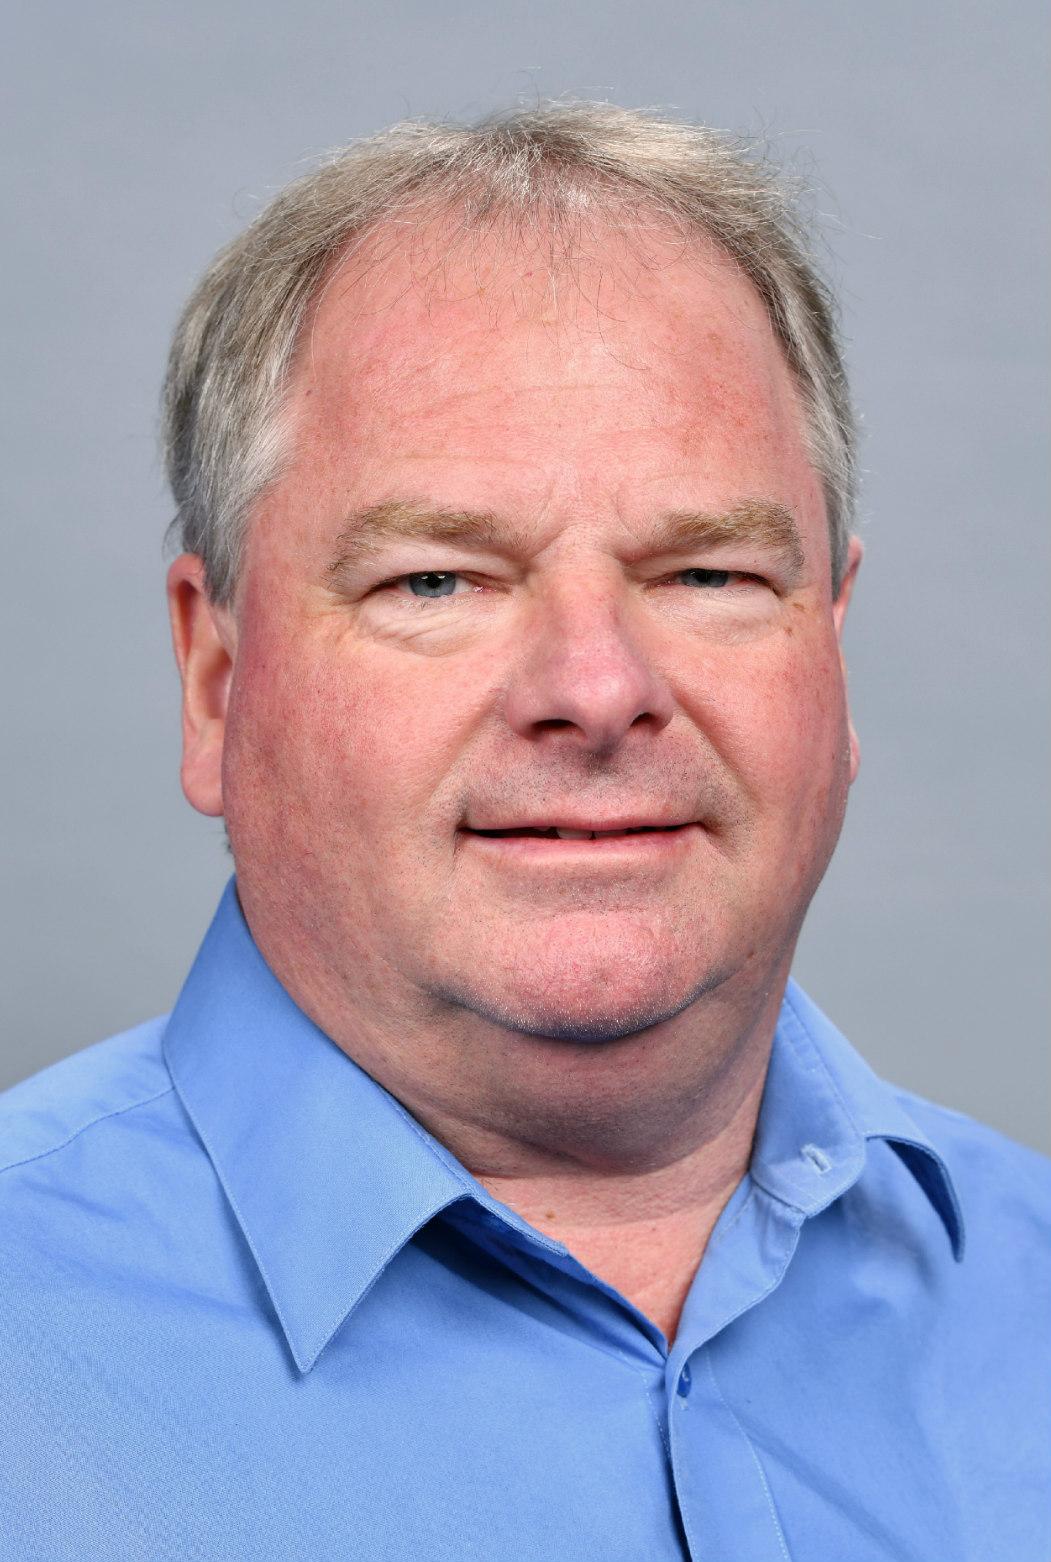 Curt Martin